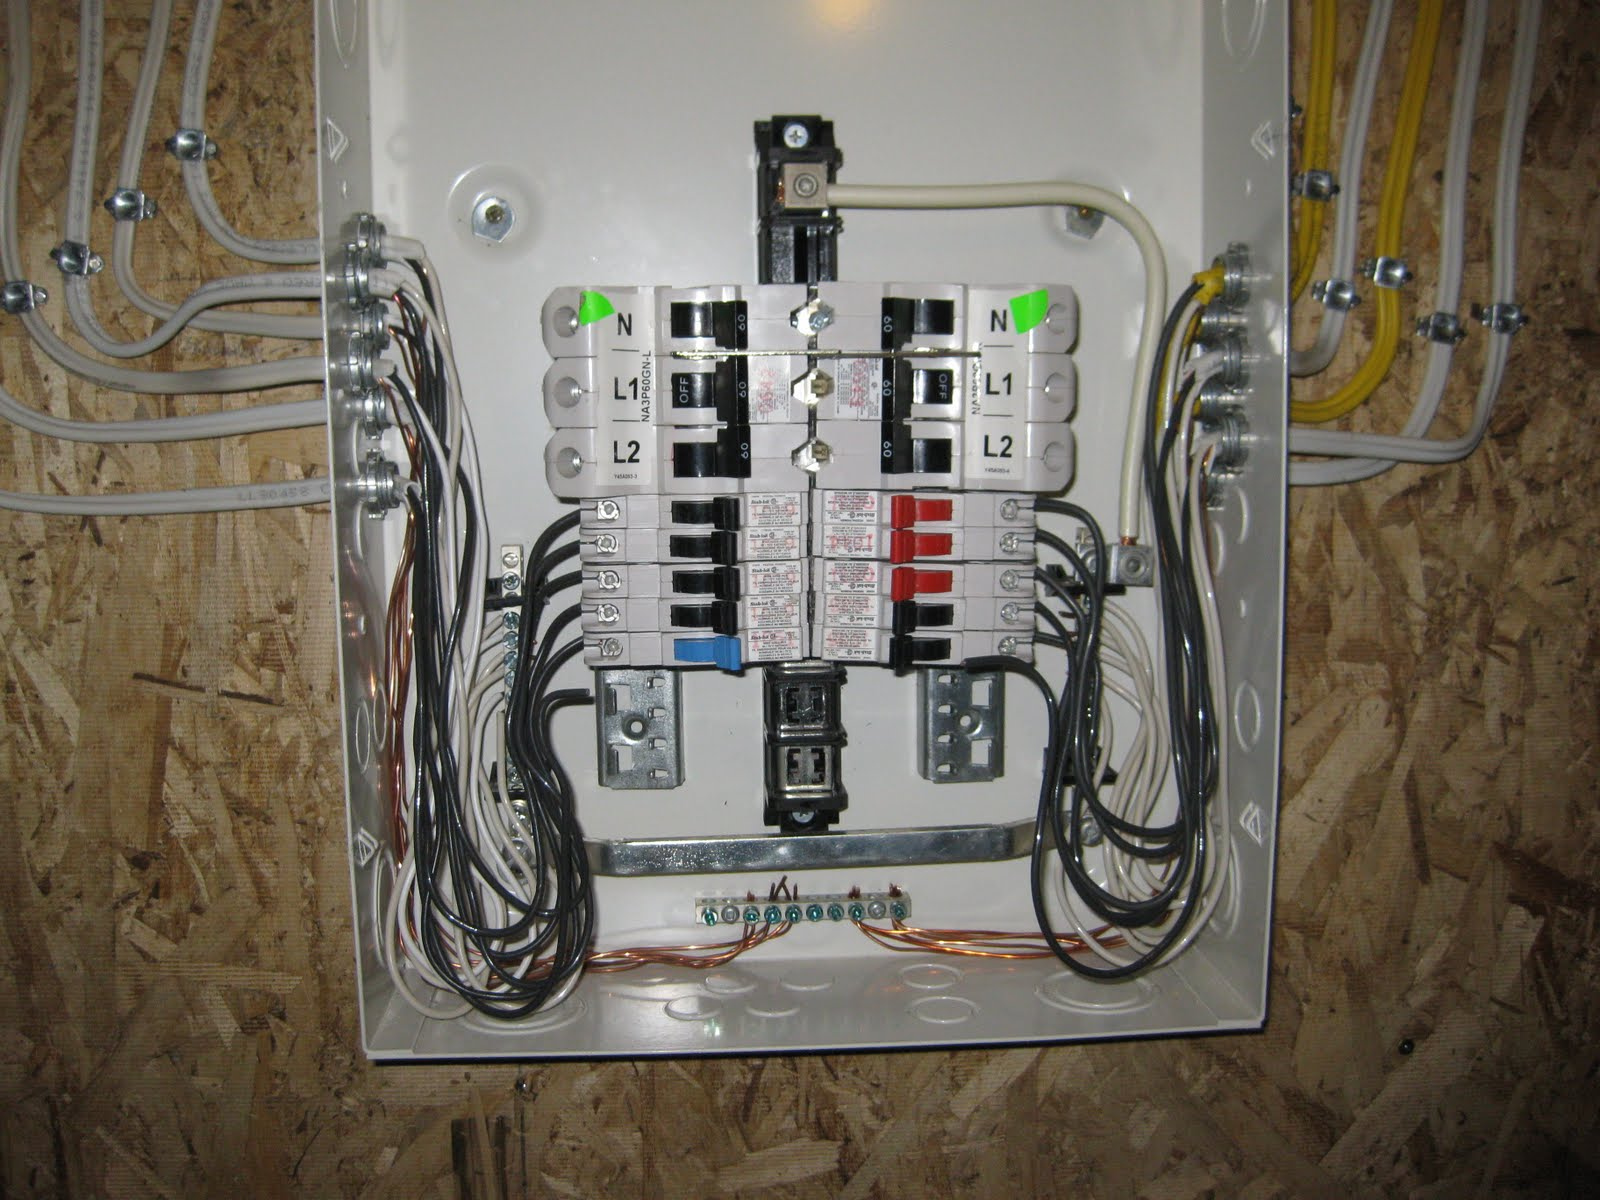 Pioneer Deh 2300 Wiring Diagram Http Wwwhelpowlcom P Pioneer